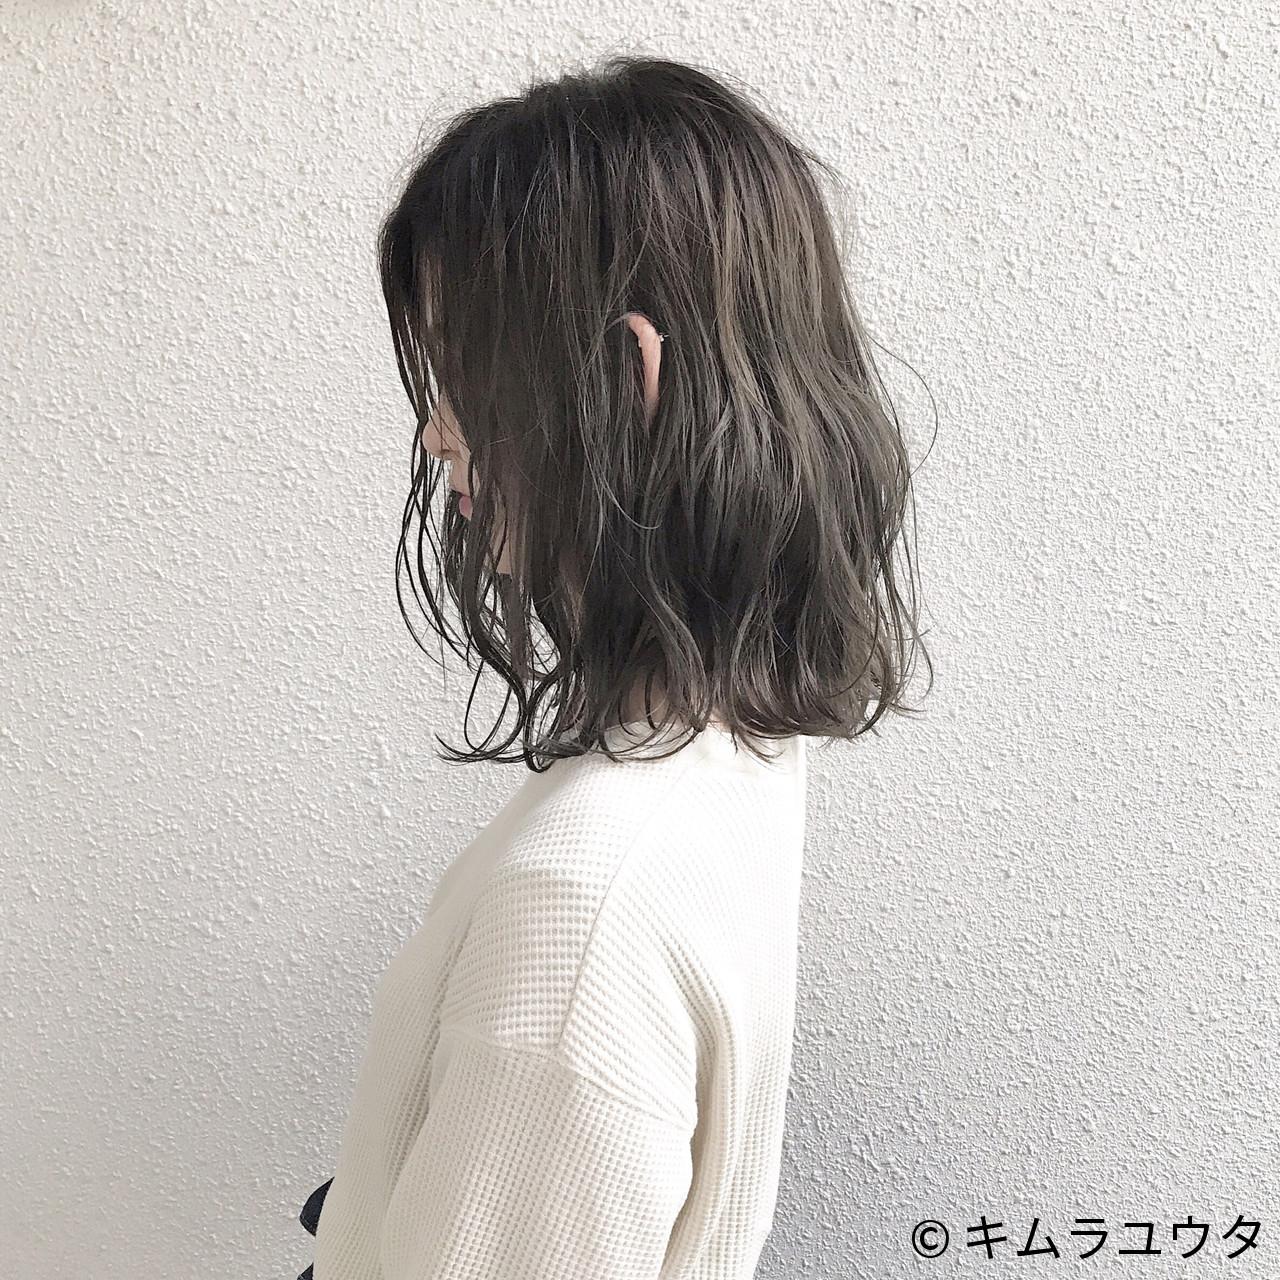 透明感 アッシュ ナチュラル ボブ ヘアスタイルや髪型の写真・画像   キムラユウタ / CHERIE hair design 〔シェリ・ヘアデザイン〕